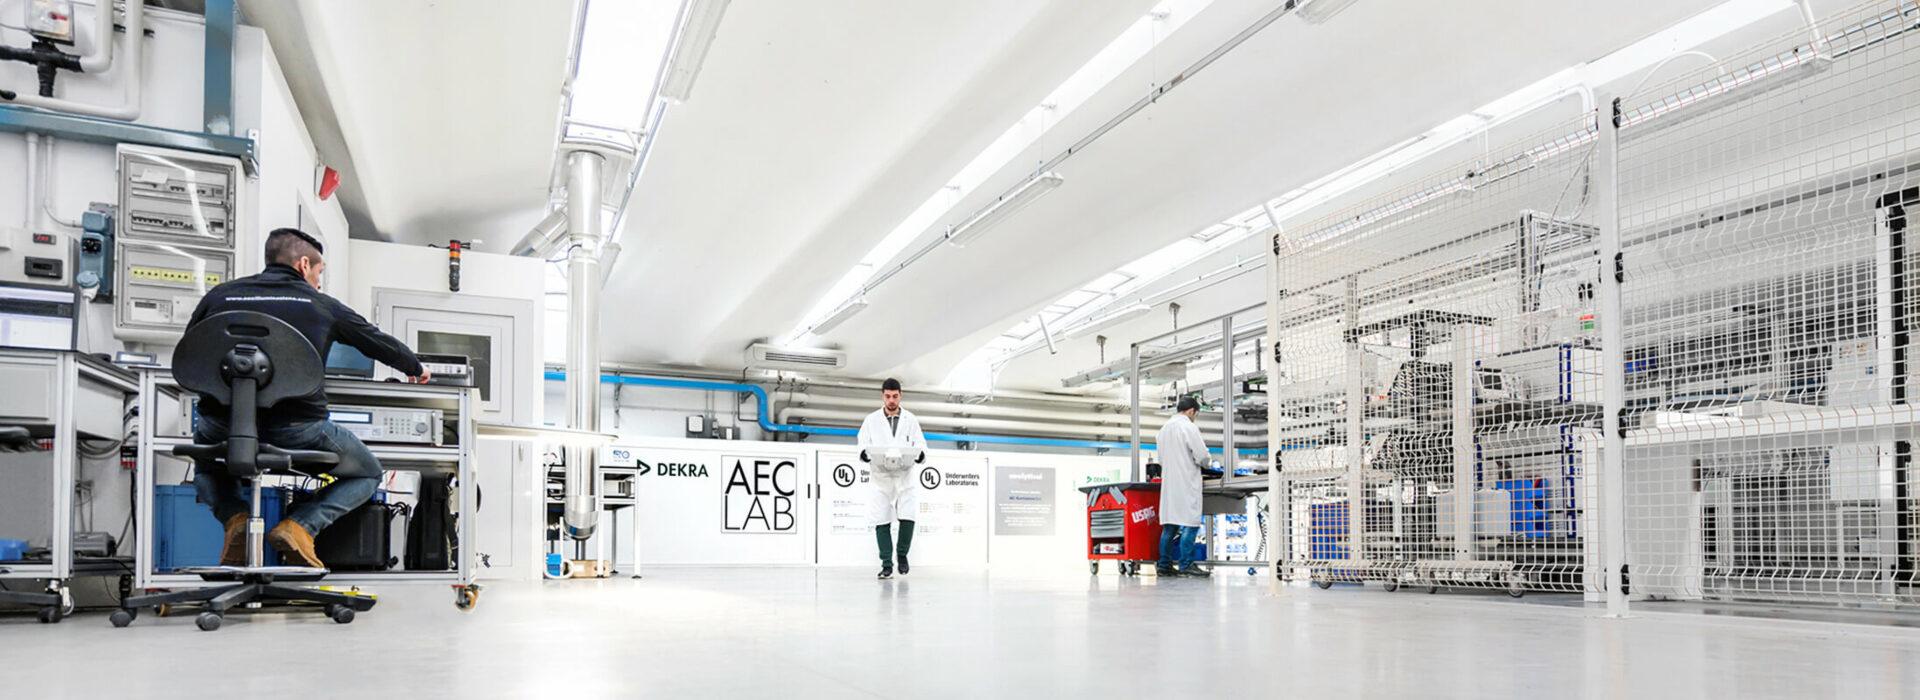 Laboratori test DEKRA e UL - ITC Innovation Technological Center - AEC Illuminazione